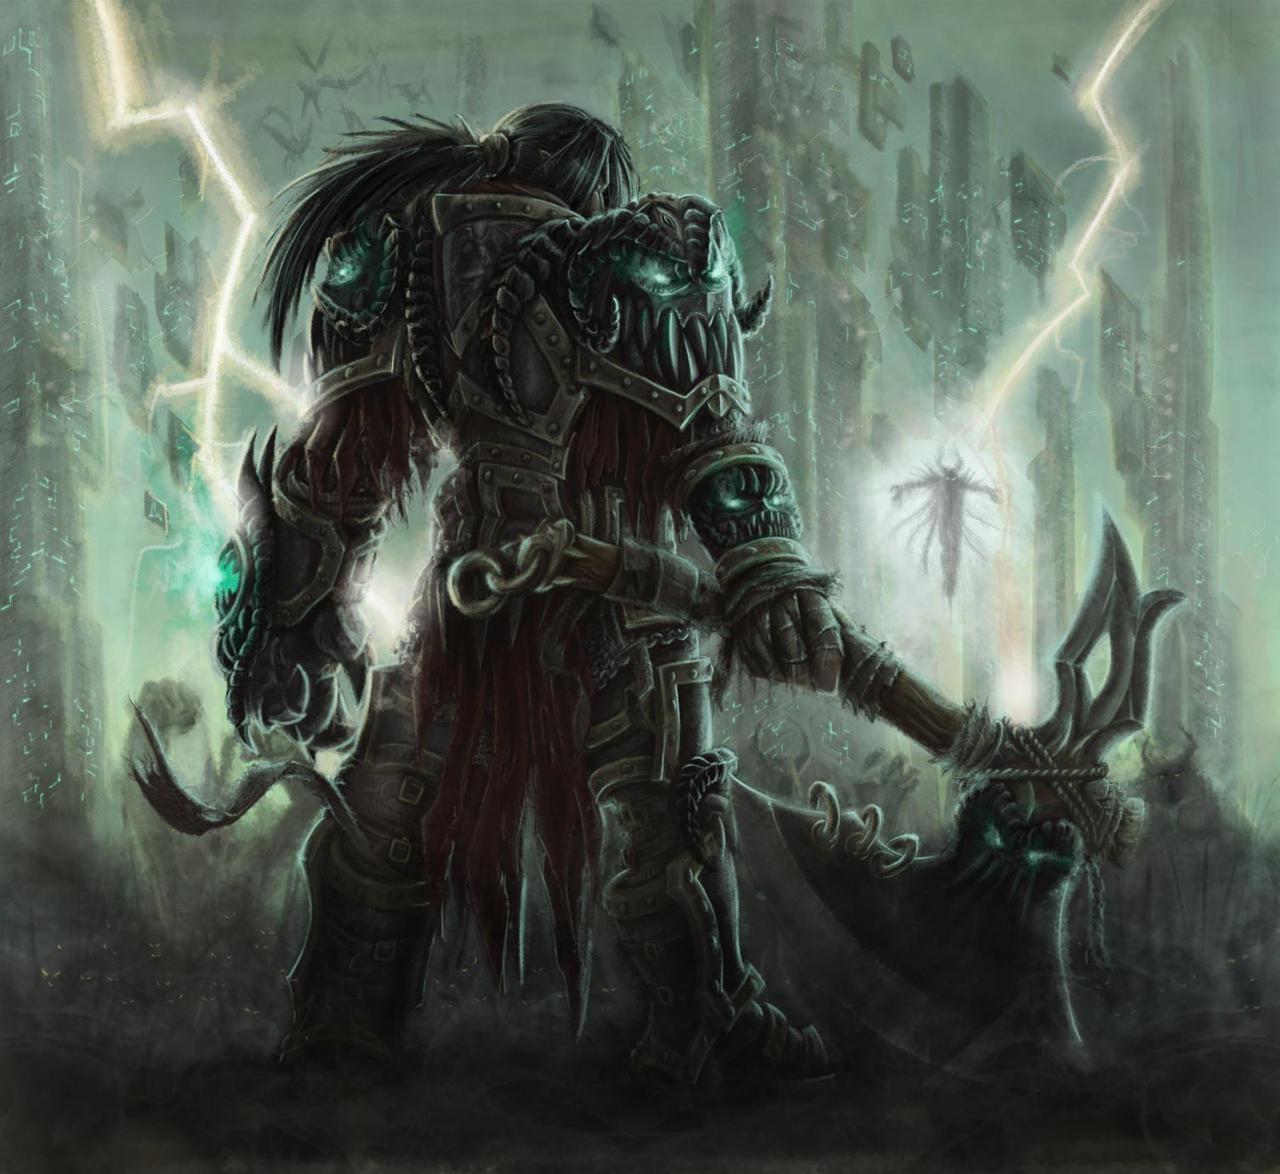 Demon Warrior 2 by VMP82 on DeviantArt